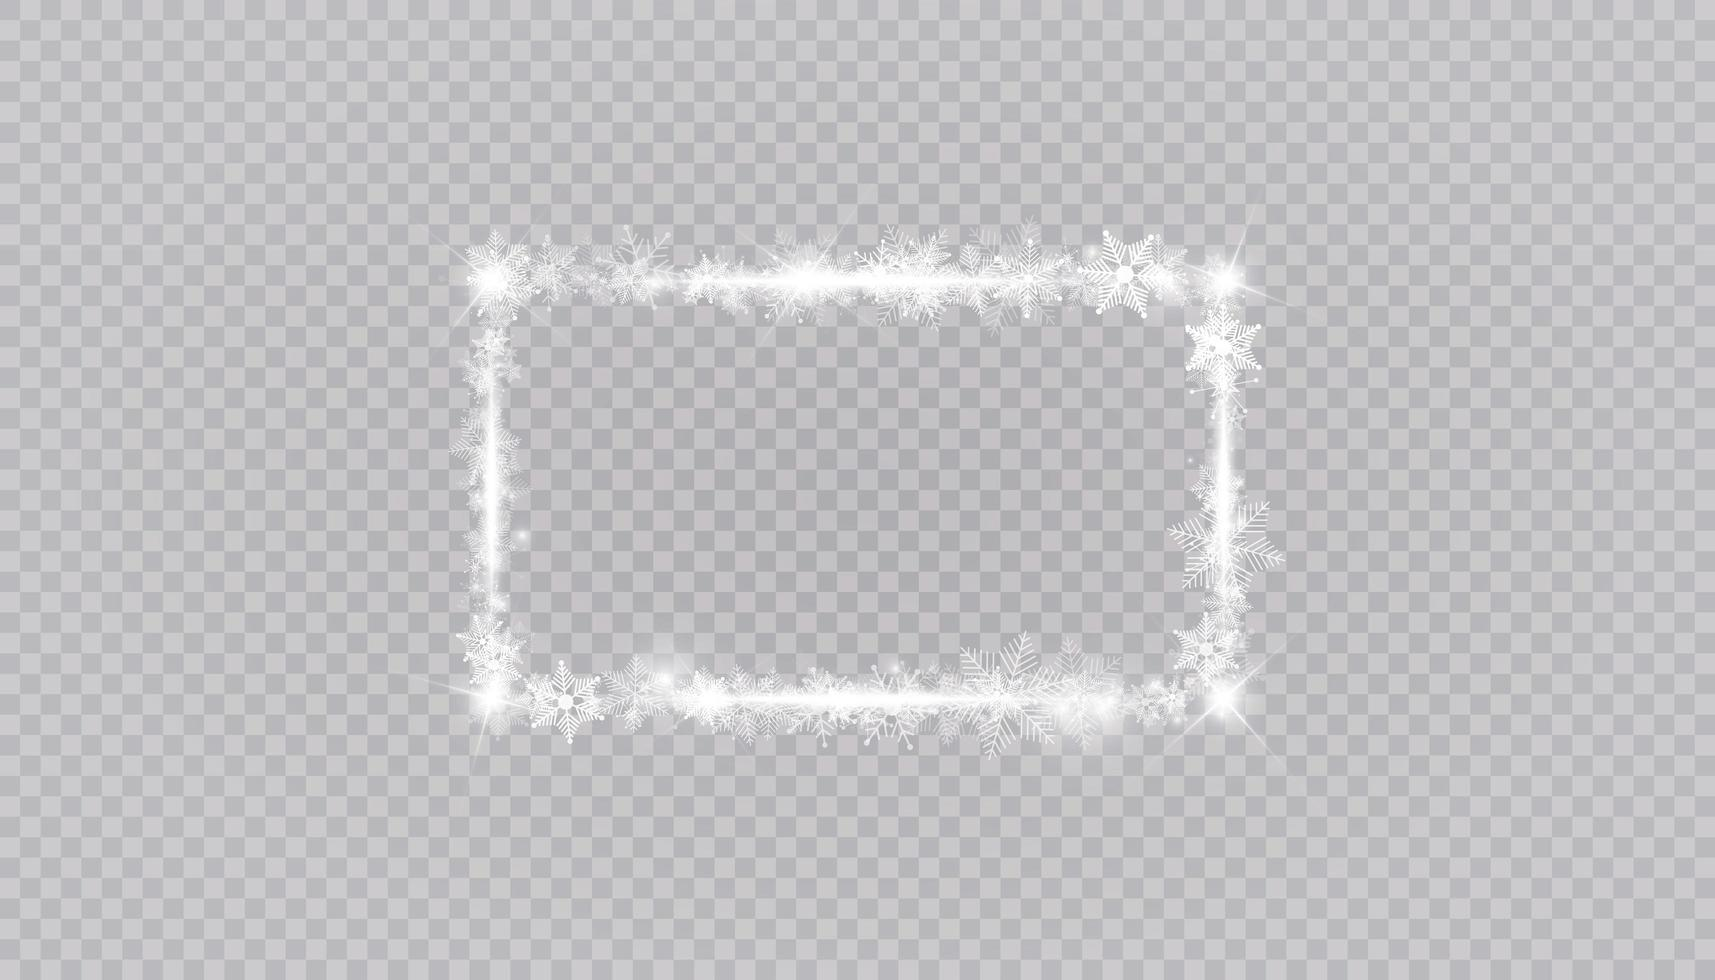 rechthoekige wintersneeuw framerand met sterren, sparkles en sneeuwvlokken vector